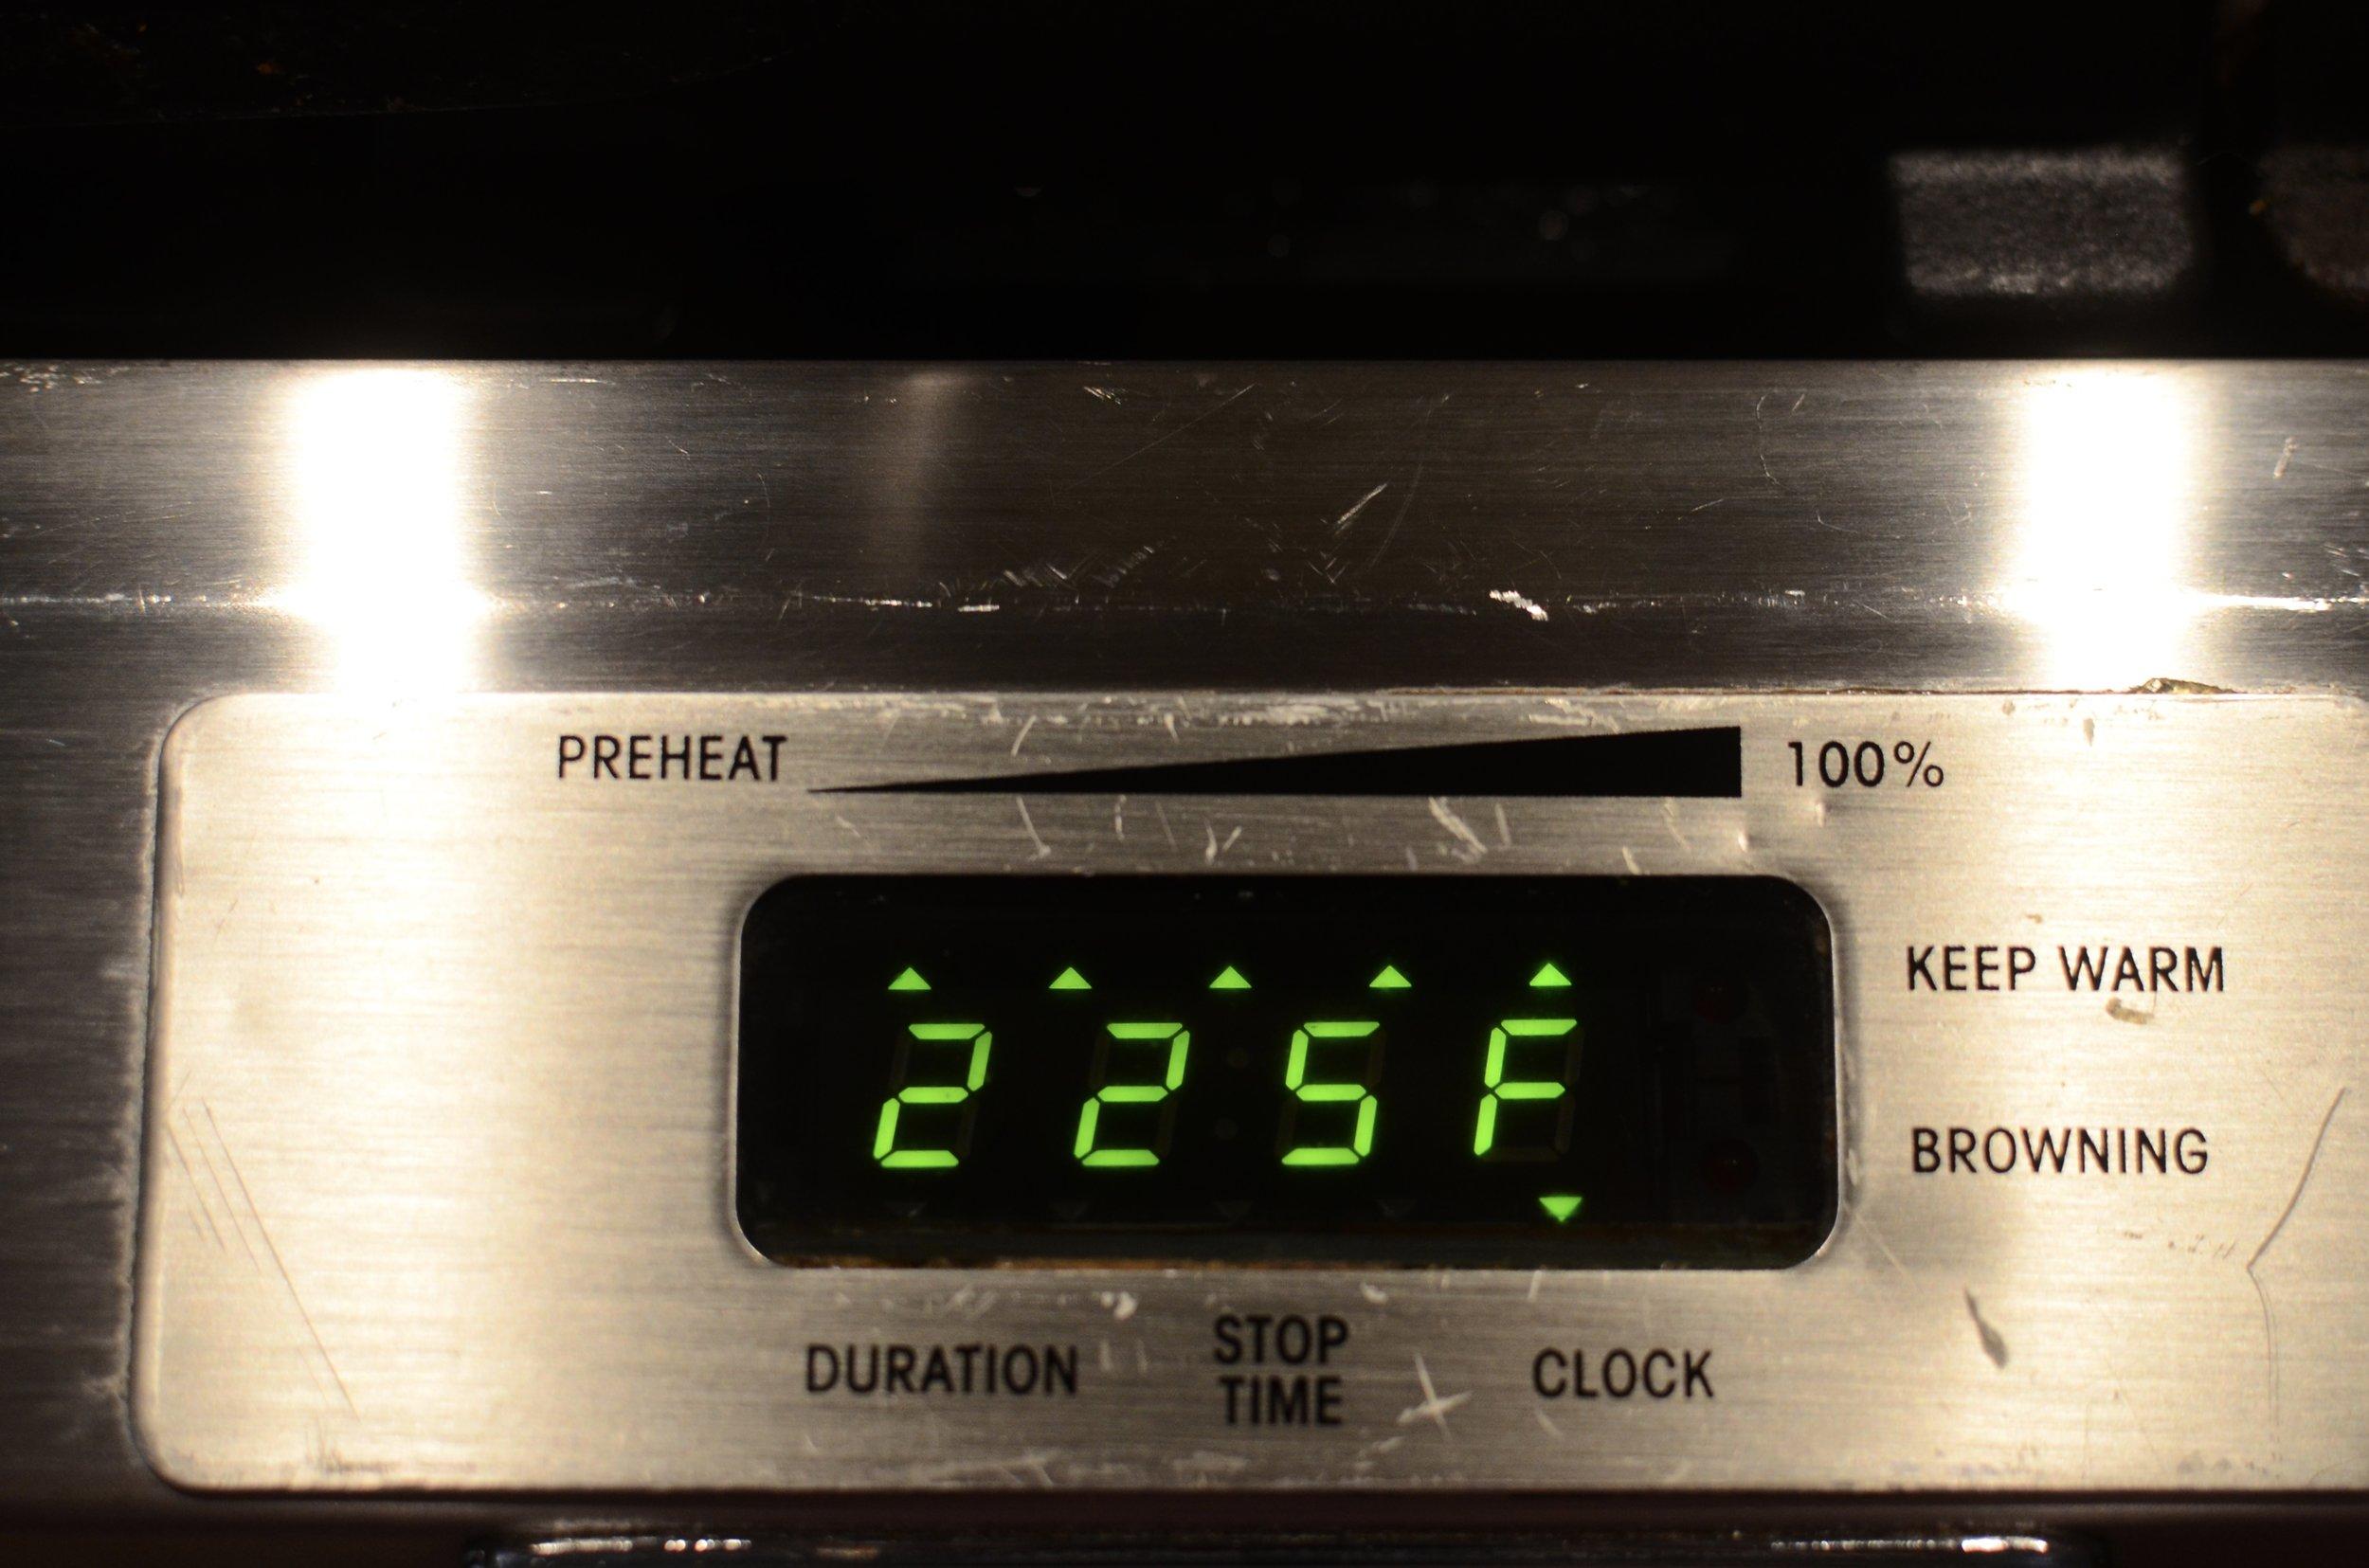 225f-oven.jpeg